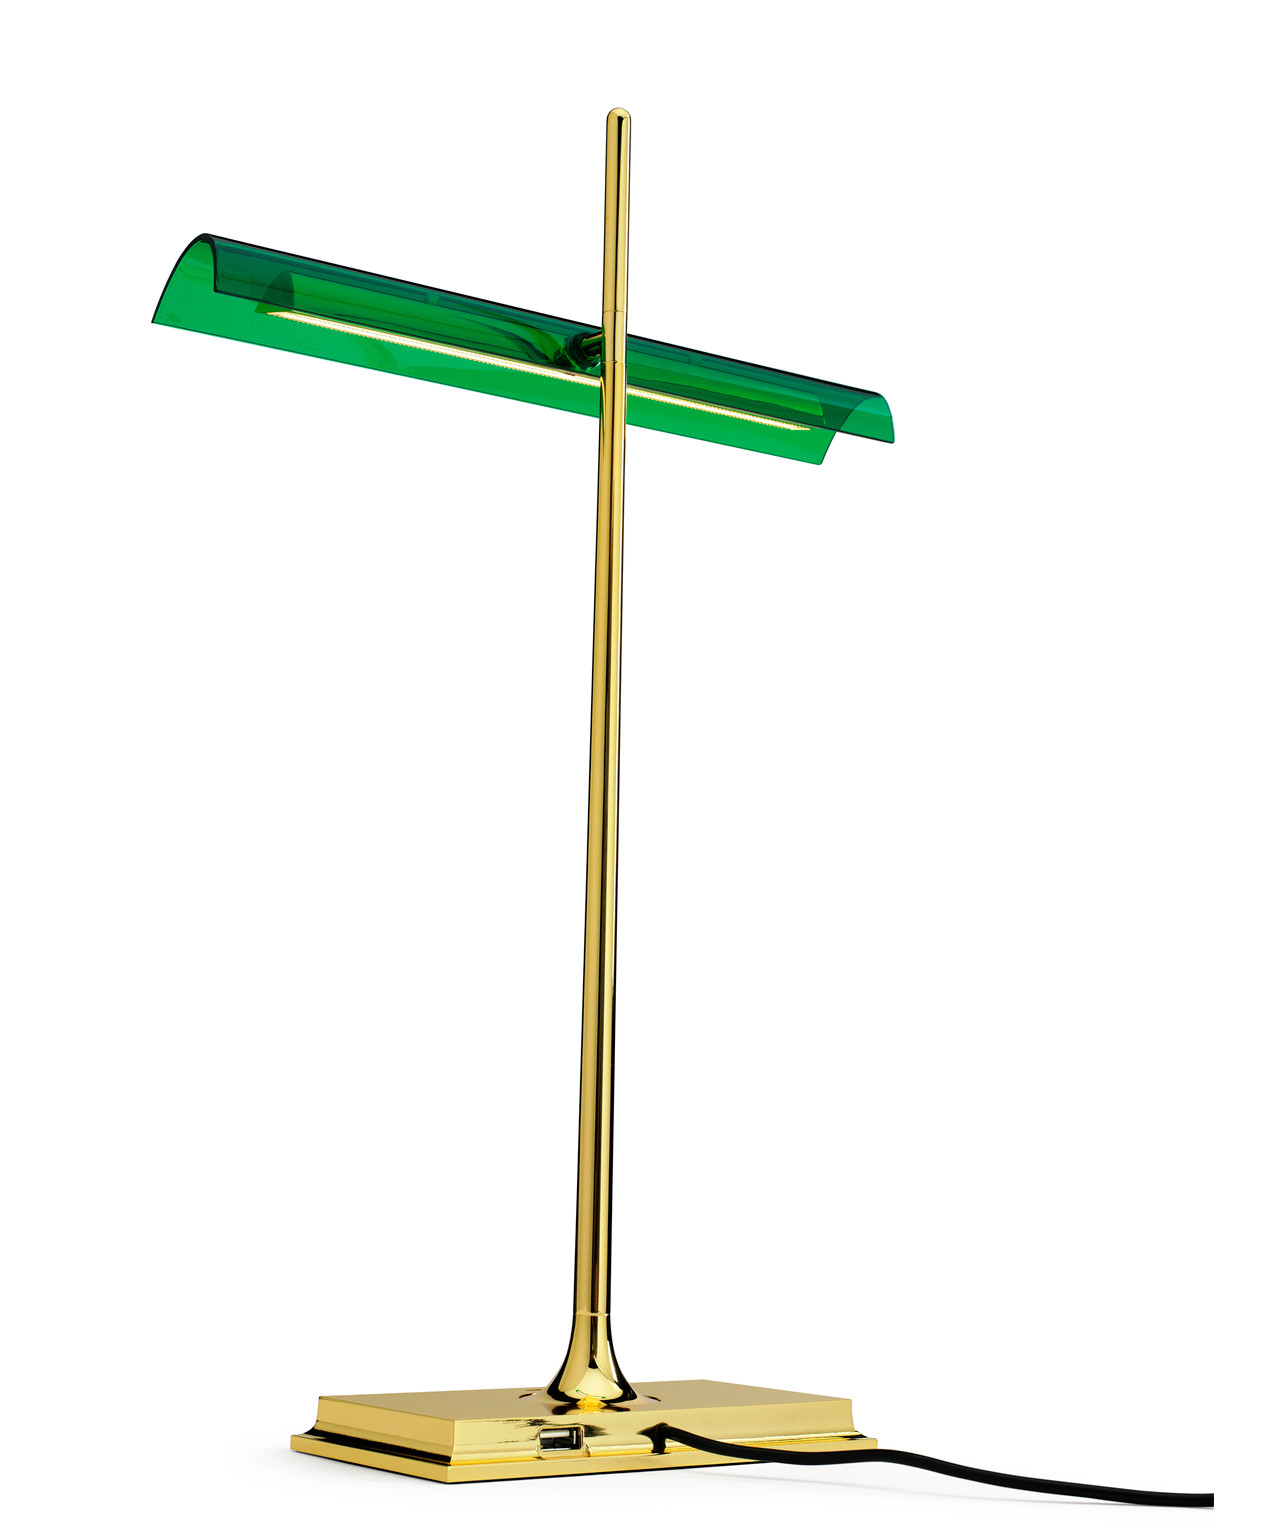 goldman bordlampe messing flos. Black Bedroom Furniture Sets. Home Design Ideas